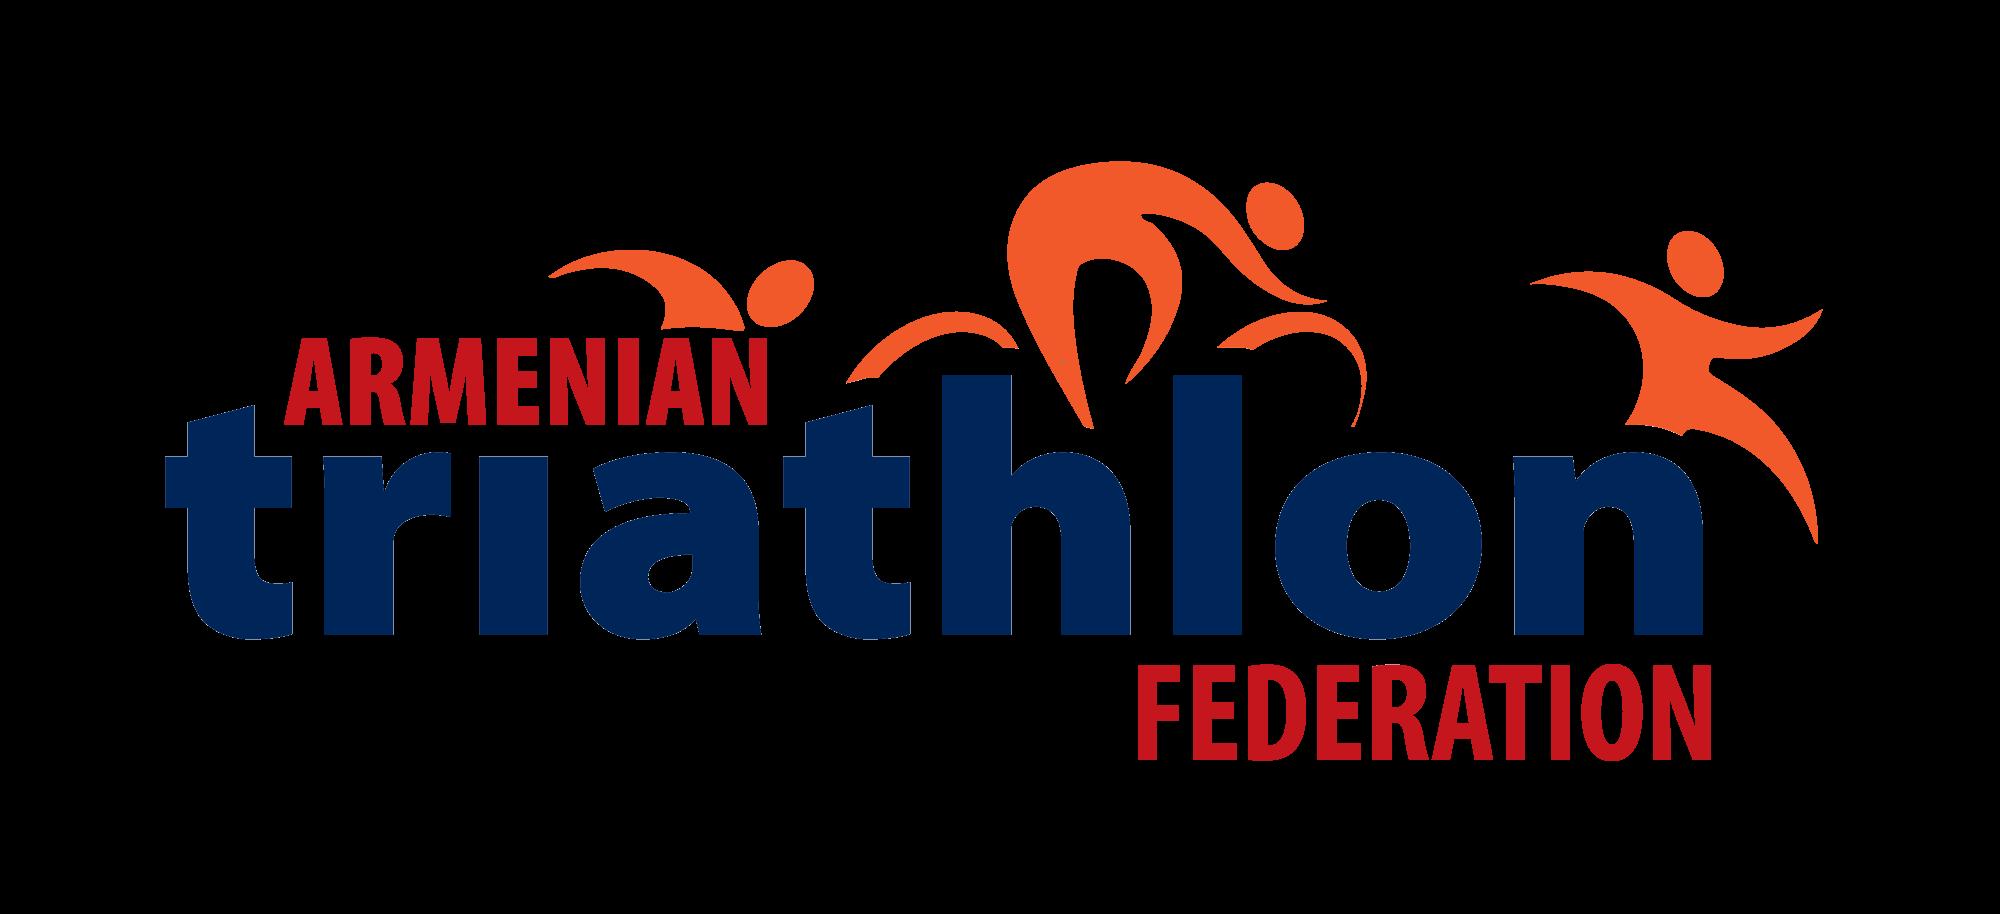 Armenian Triathlon Federation logo